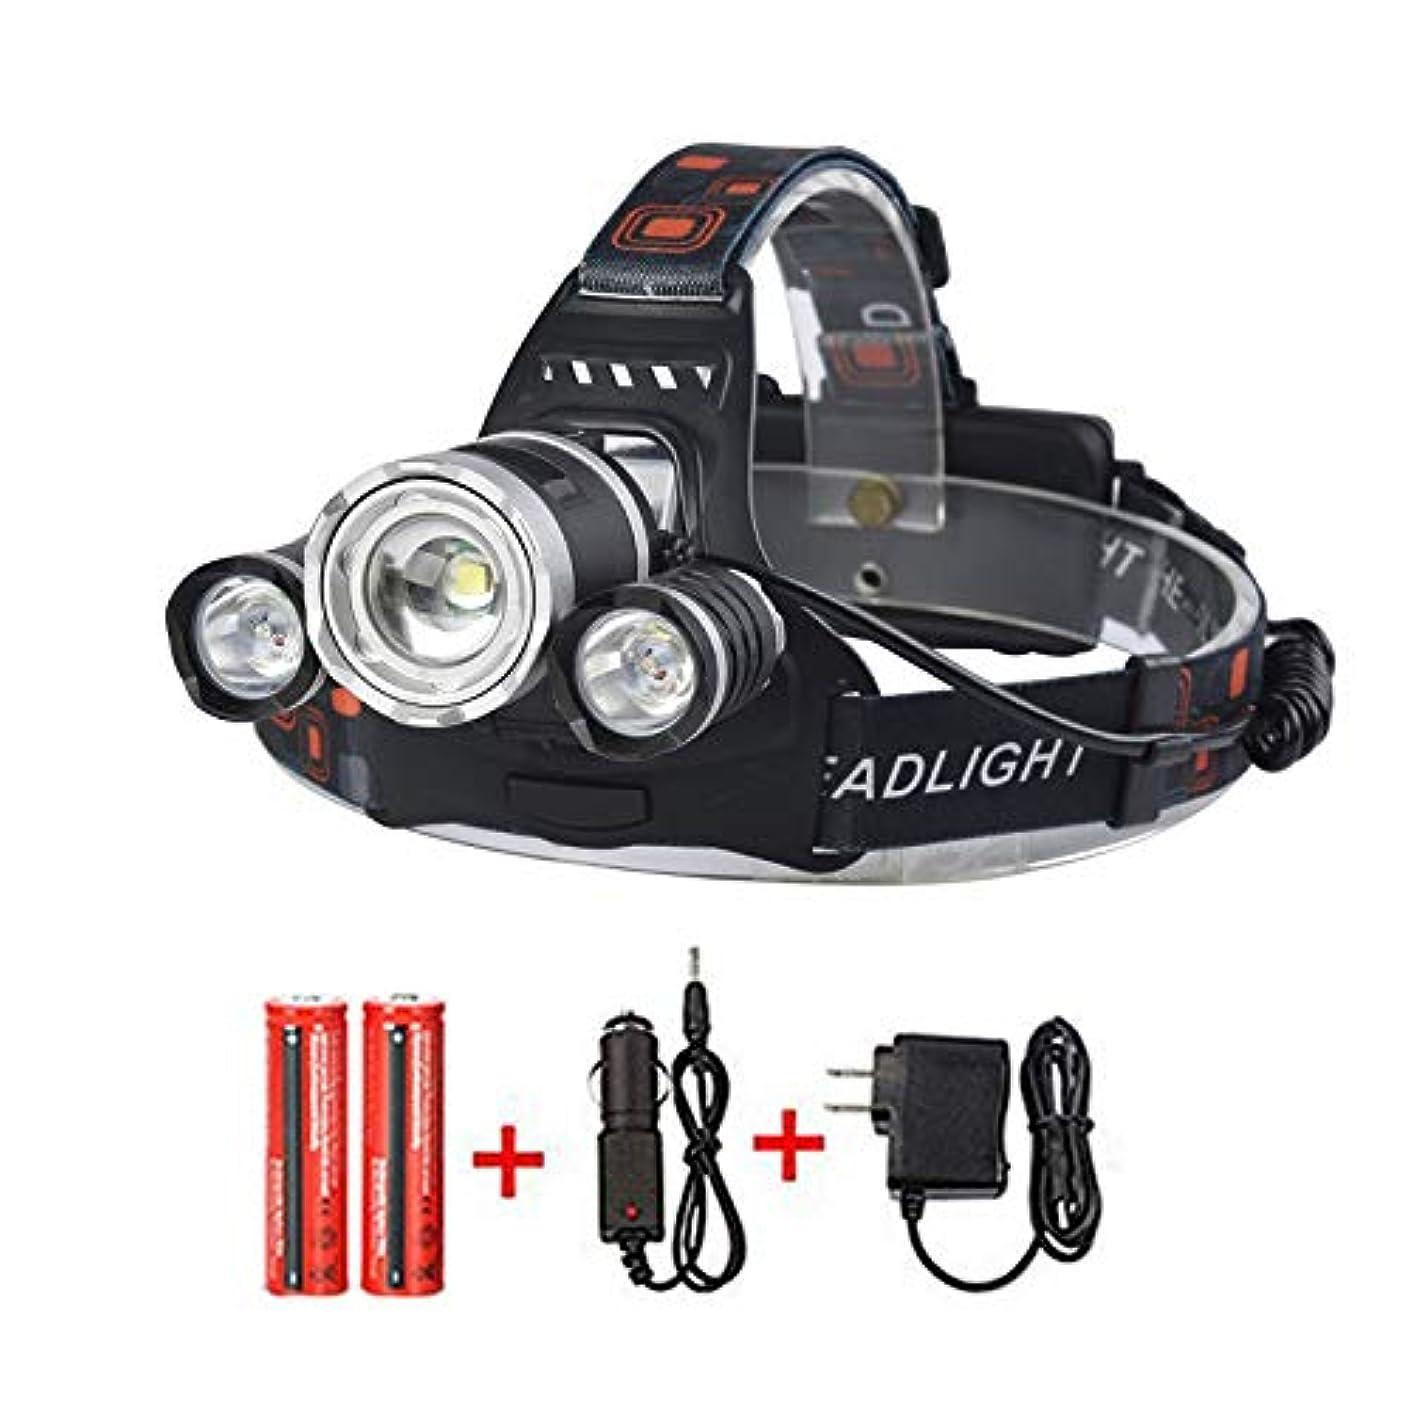 遅らせる抑制導入するLED ヘッドライト ヘッドランプ 3ライト 充電式 キャンプ/釣りなど 6000lm